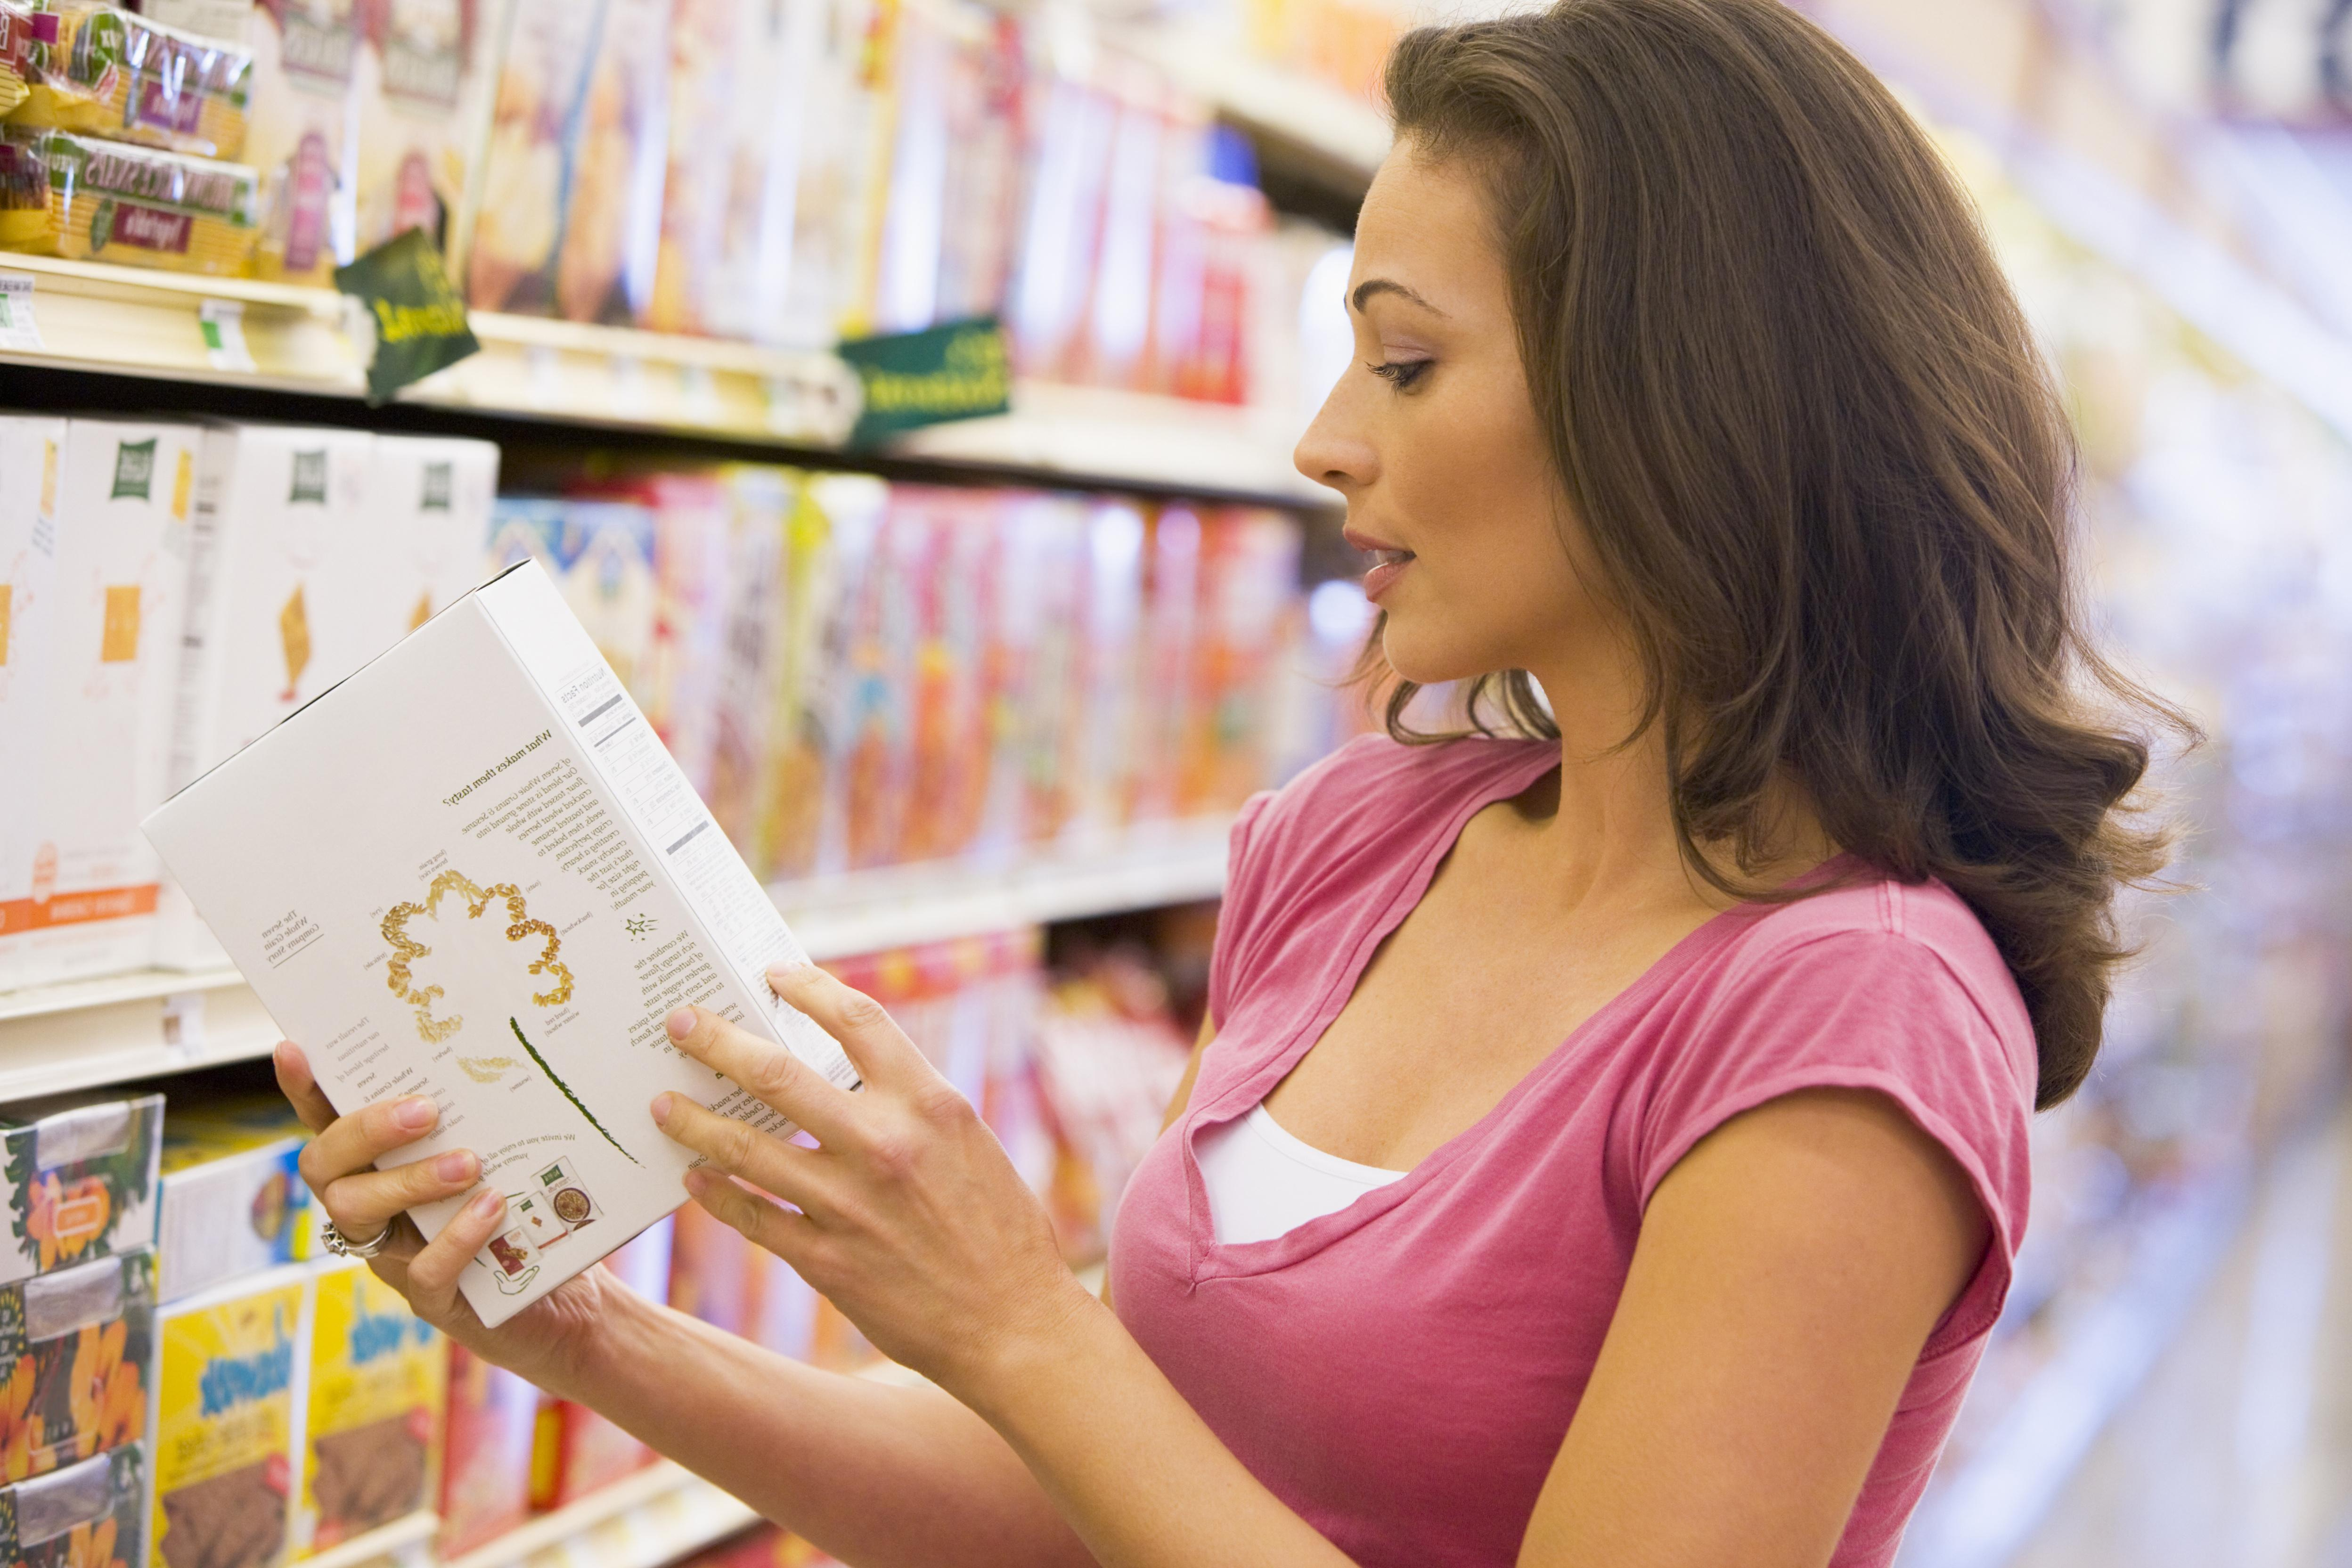 Os Alimentos Possuem as Calorias que Constam nas Embalagens?